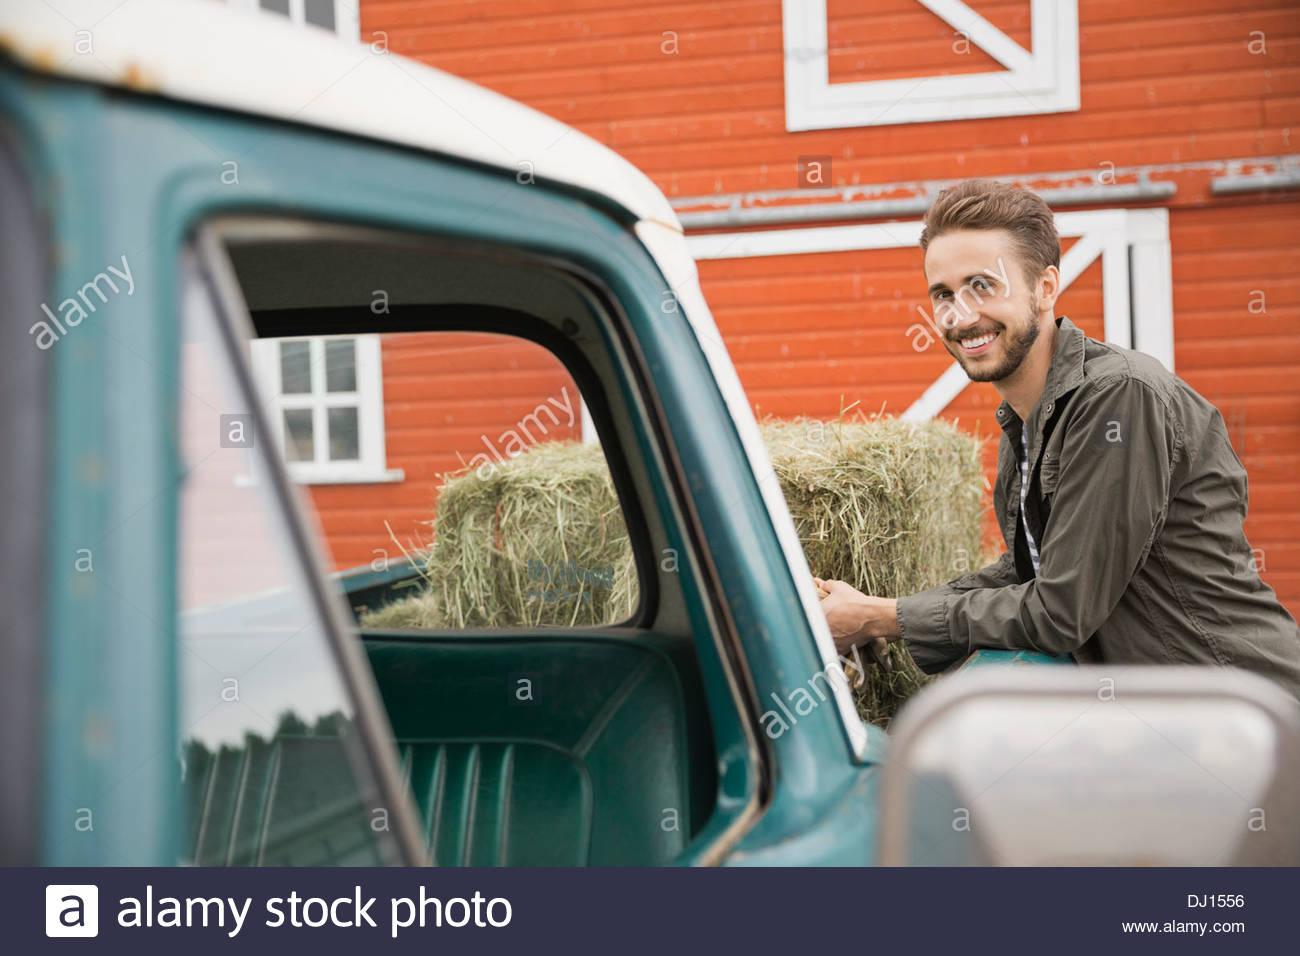 Porträt von glücklicher Mann stützte sich auf Pick-up-Truck beladen mit Heuballen Stockbild